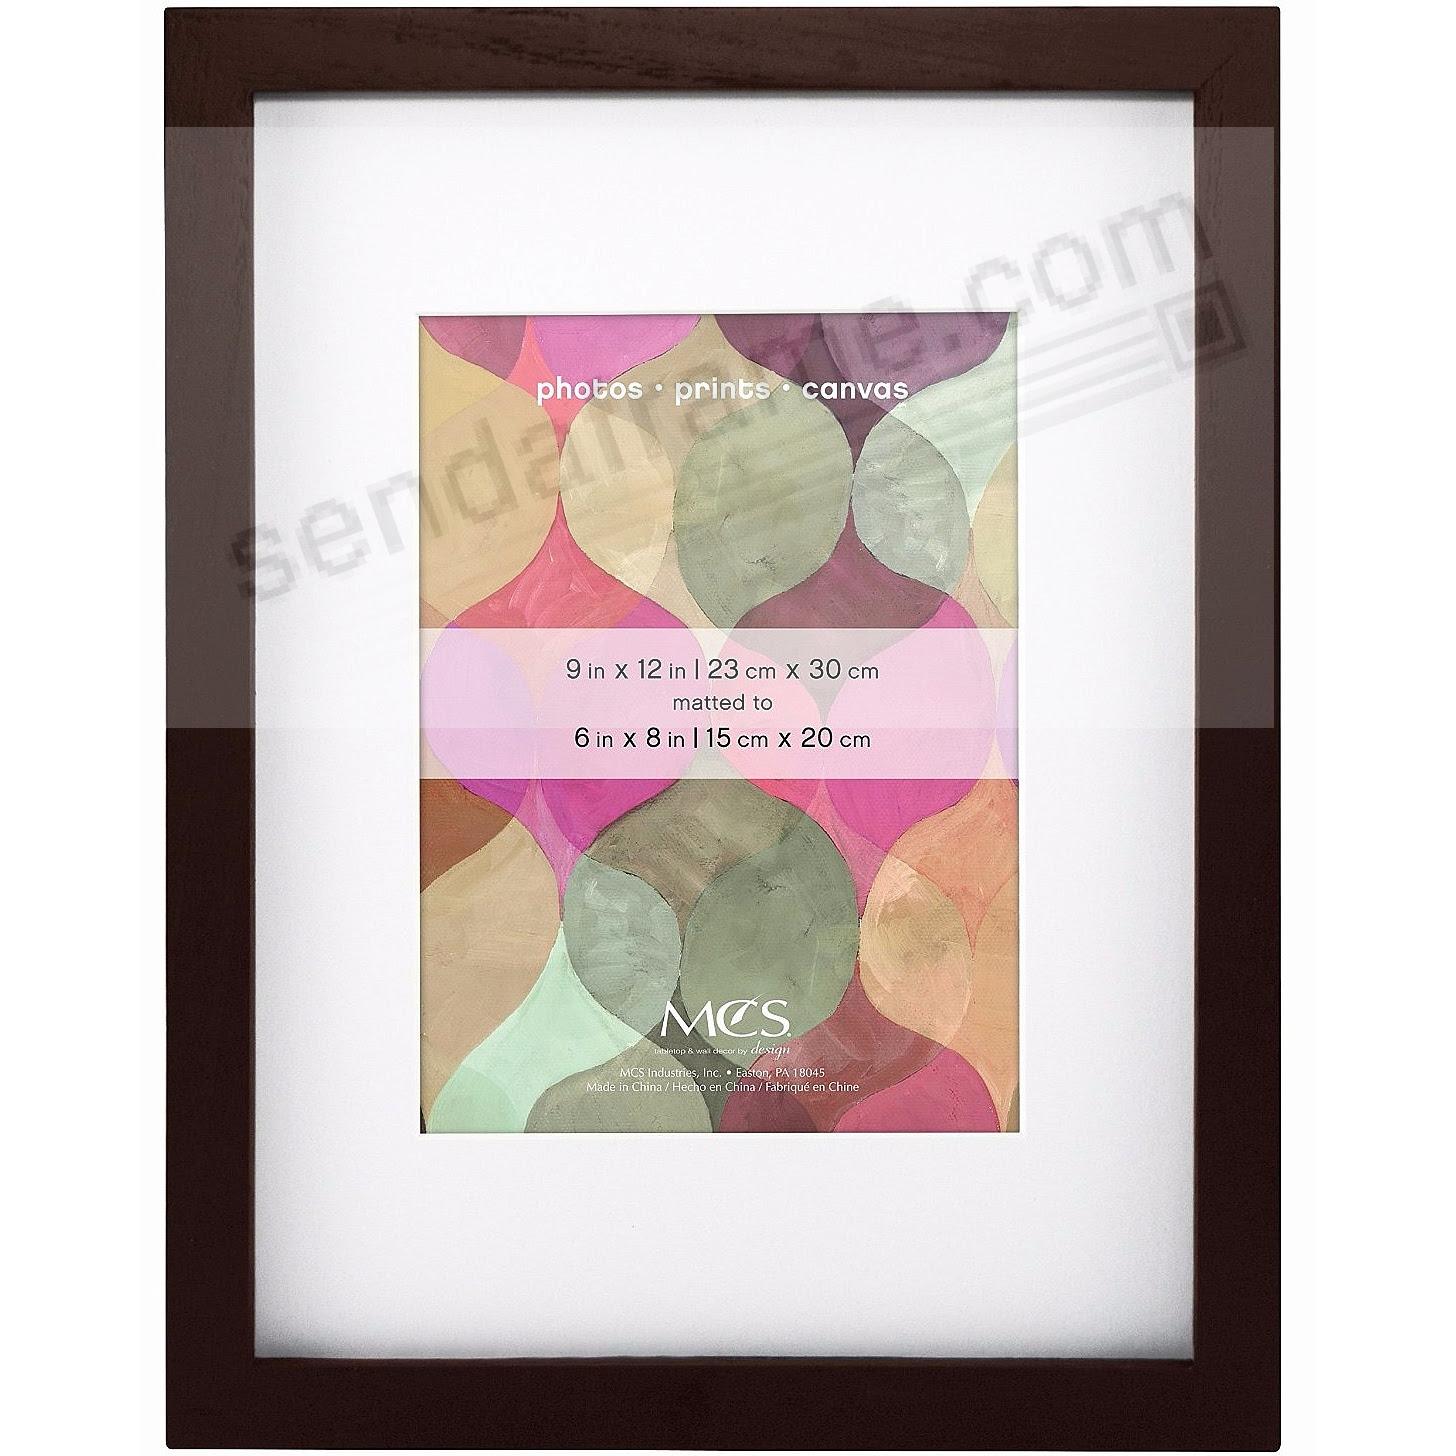 Art Shadow Box ¾in Depth Walnut Wood 9x126x8 Frame By Mcs